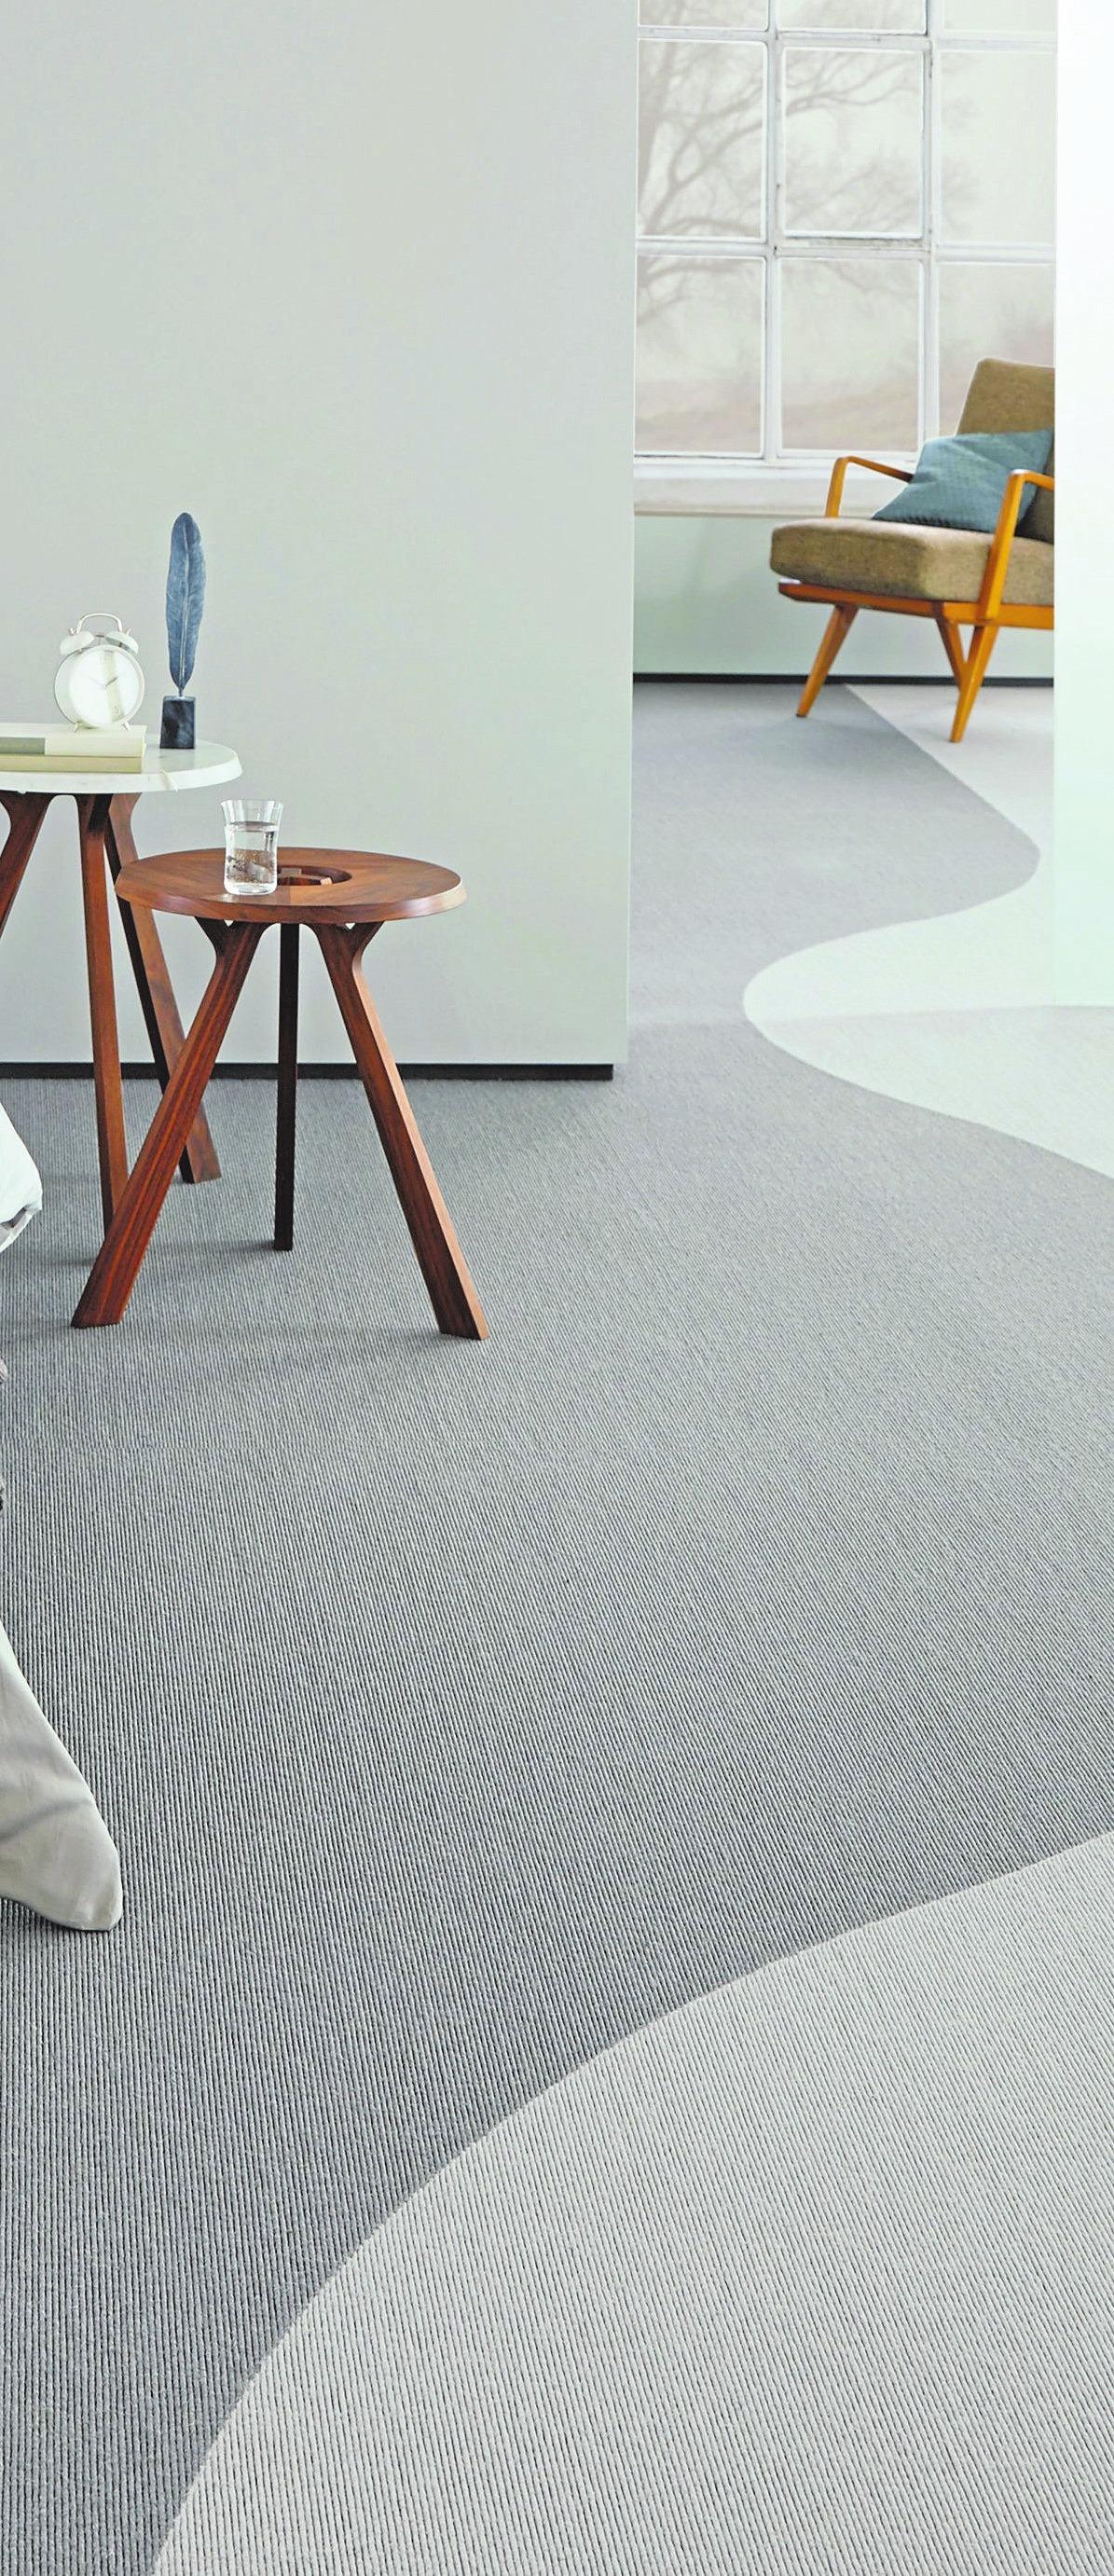 Bodenbeläge mit hohem Kaschmir-Ziegenhaar-Anteil bringen eine Menge Behaglichkeit in den Raum.Foto: tretford/akz-o